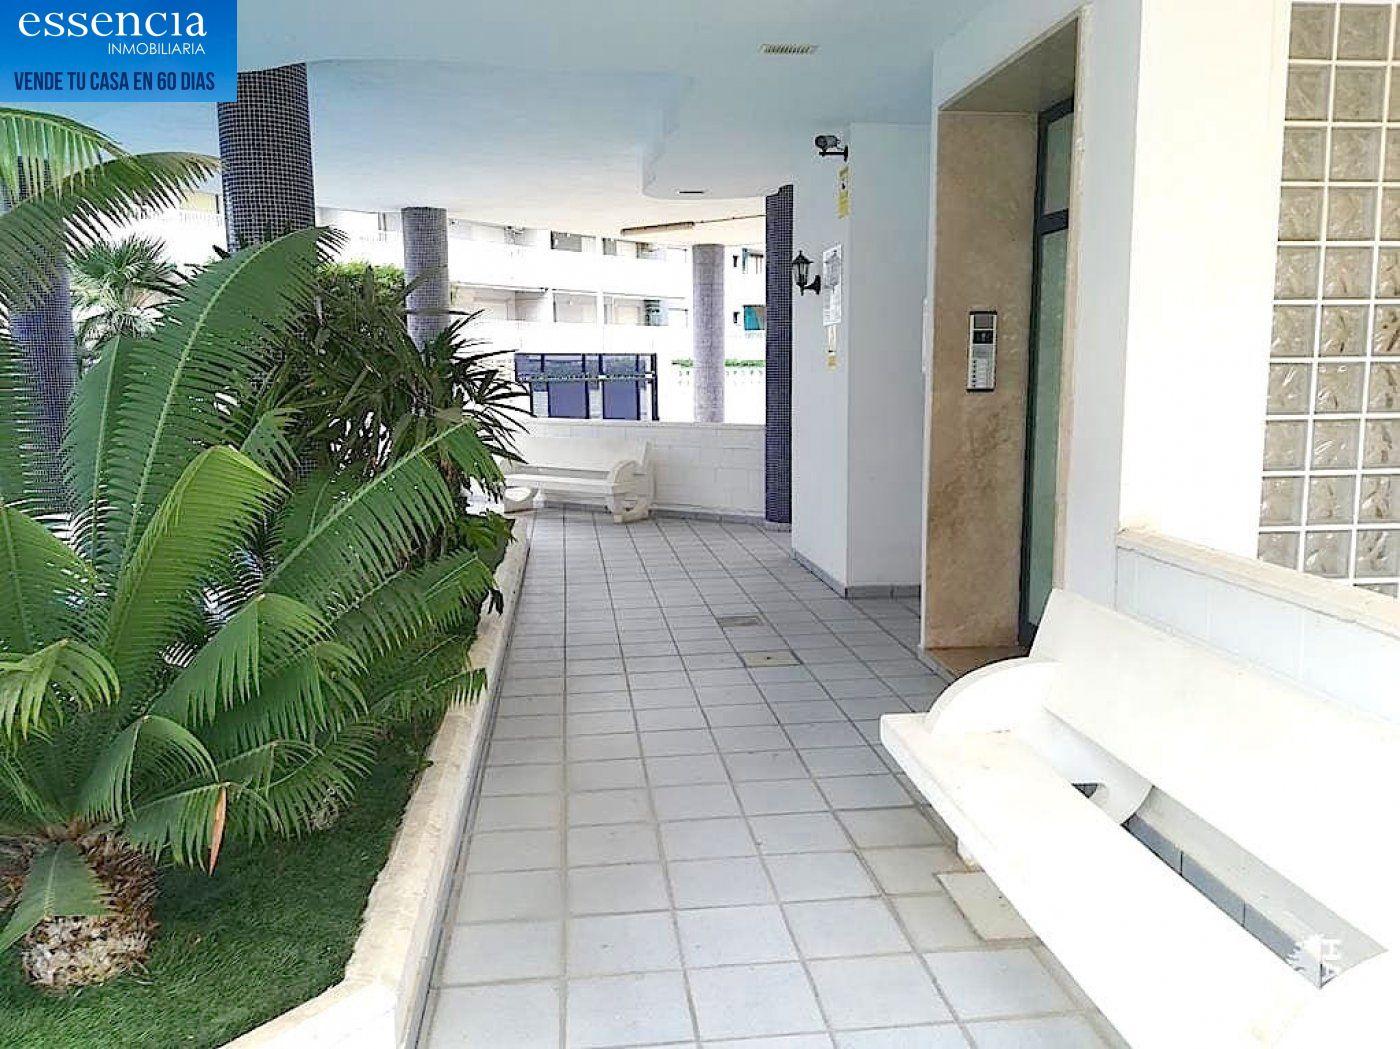 Apartamento de 2 dormitorios y 2 baños con salón con balcón. - imagenInmueble14